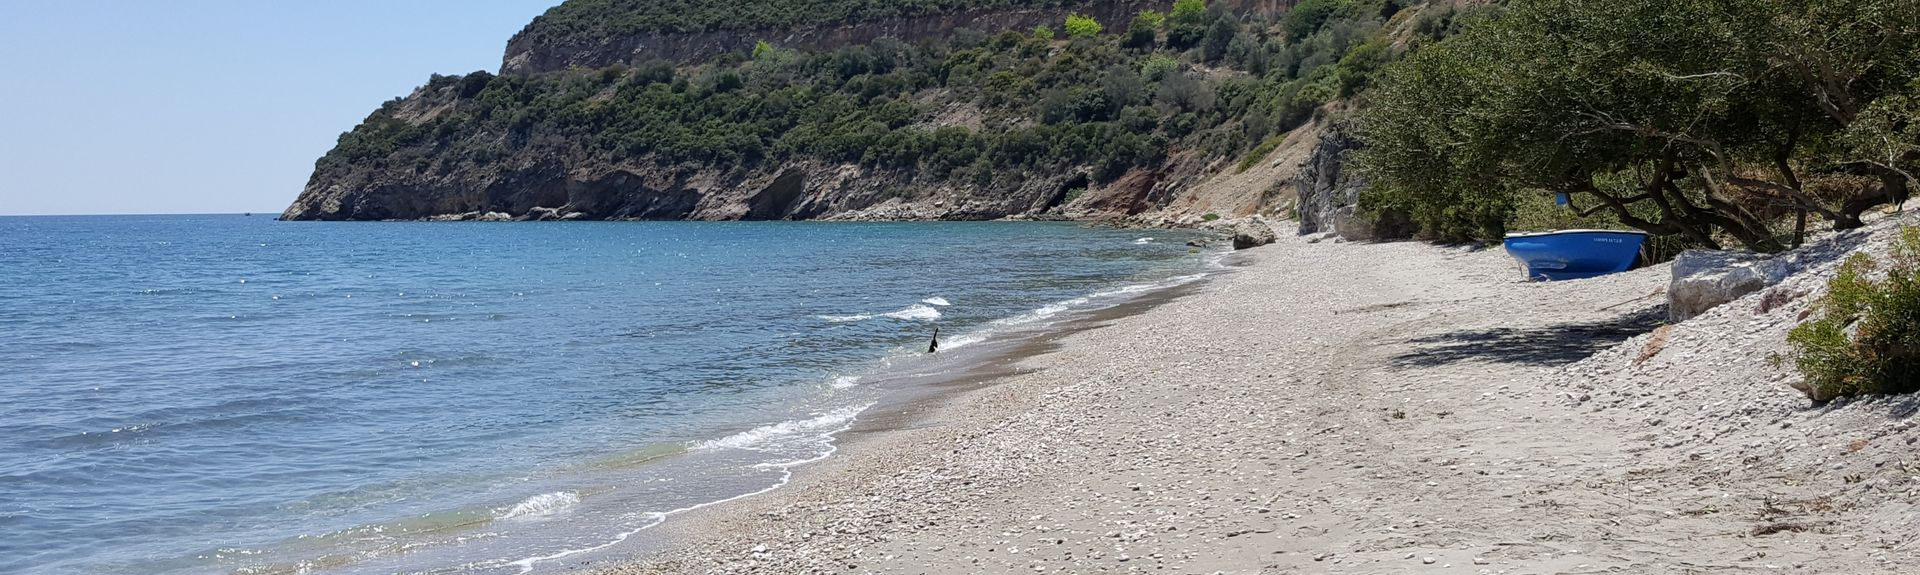 Ária, Nafplio, Peloponnese, Greece